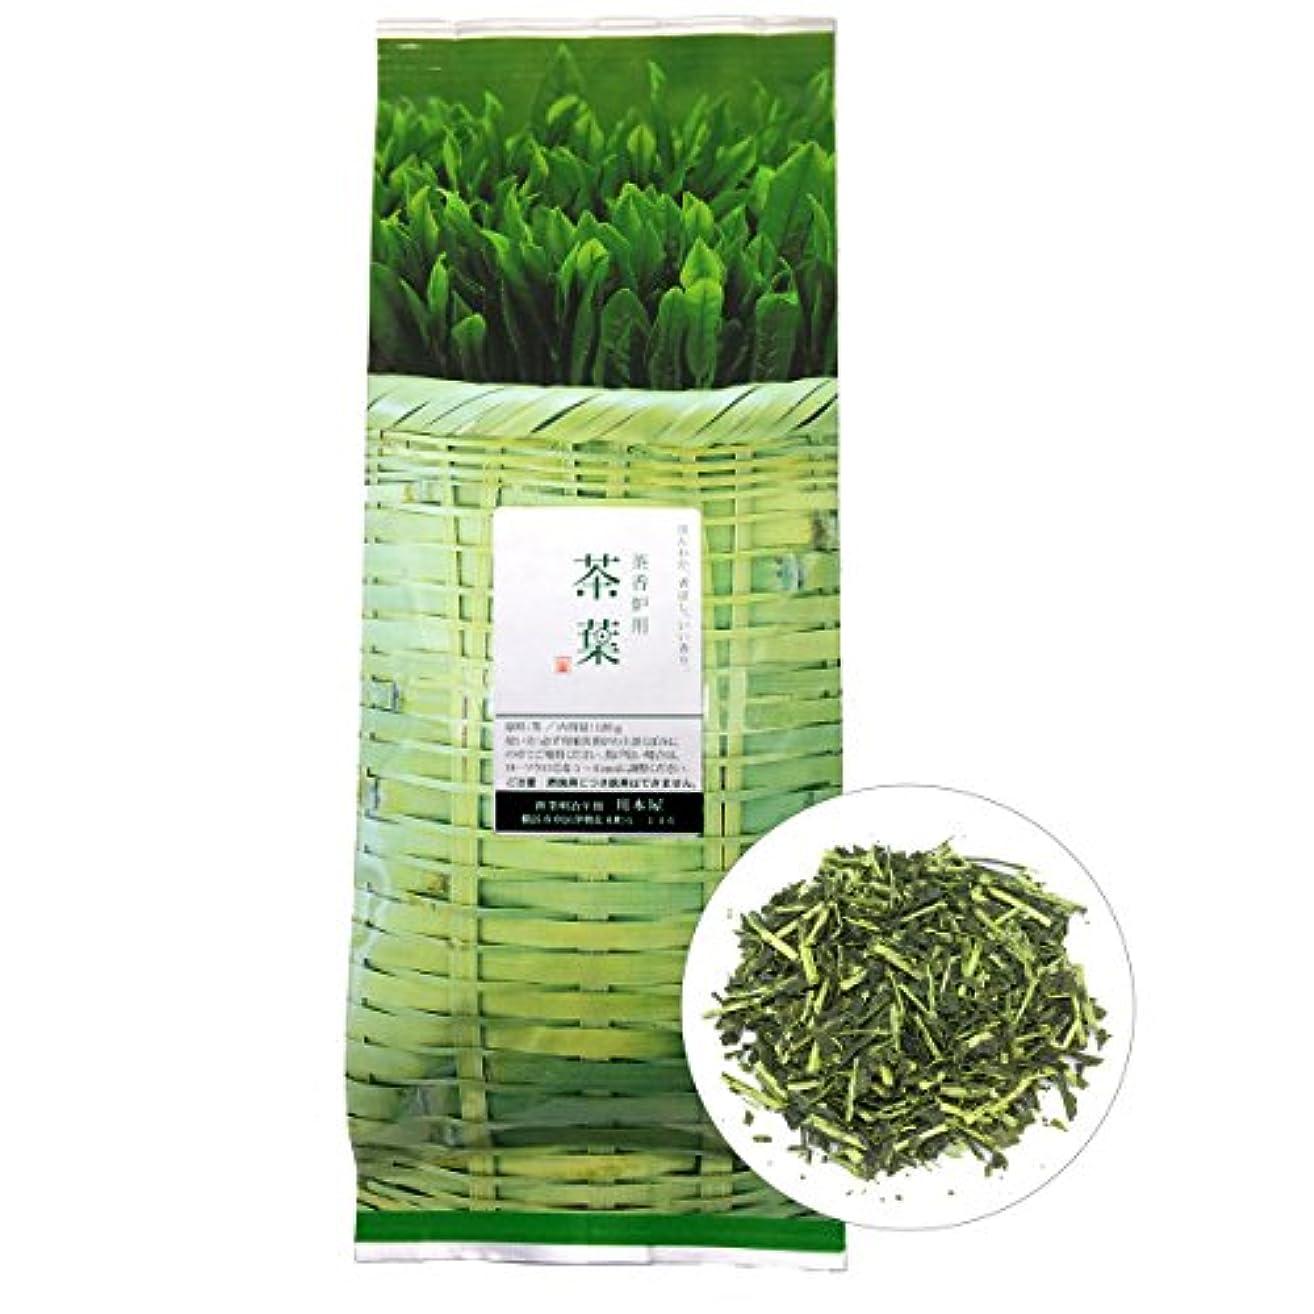 神秘的な拒絶フォーマル国産 茶香炉専用 茶葉110g (1袋) 川本屋茶舗